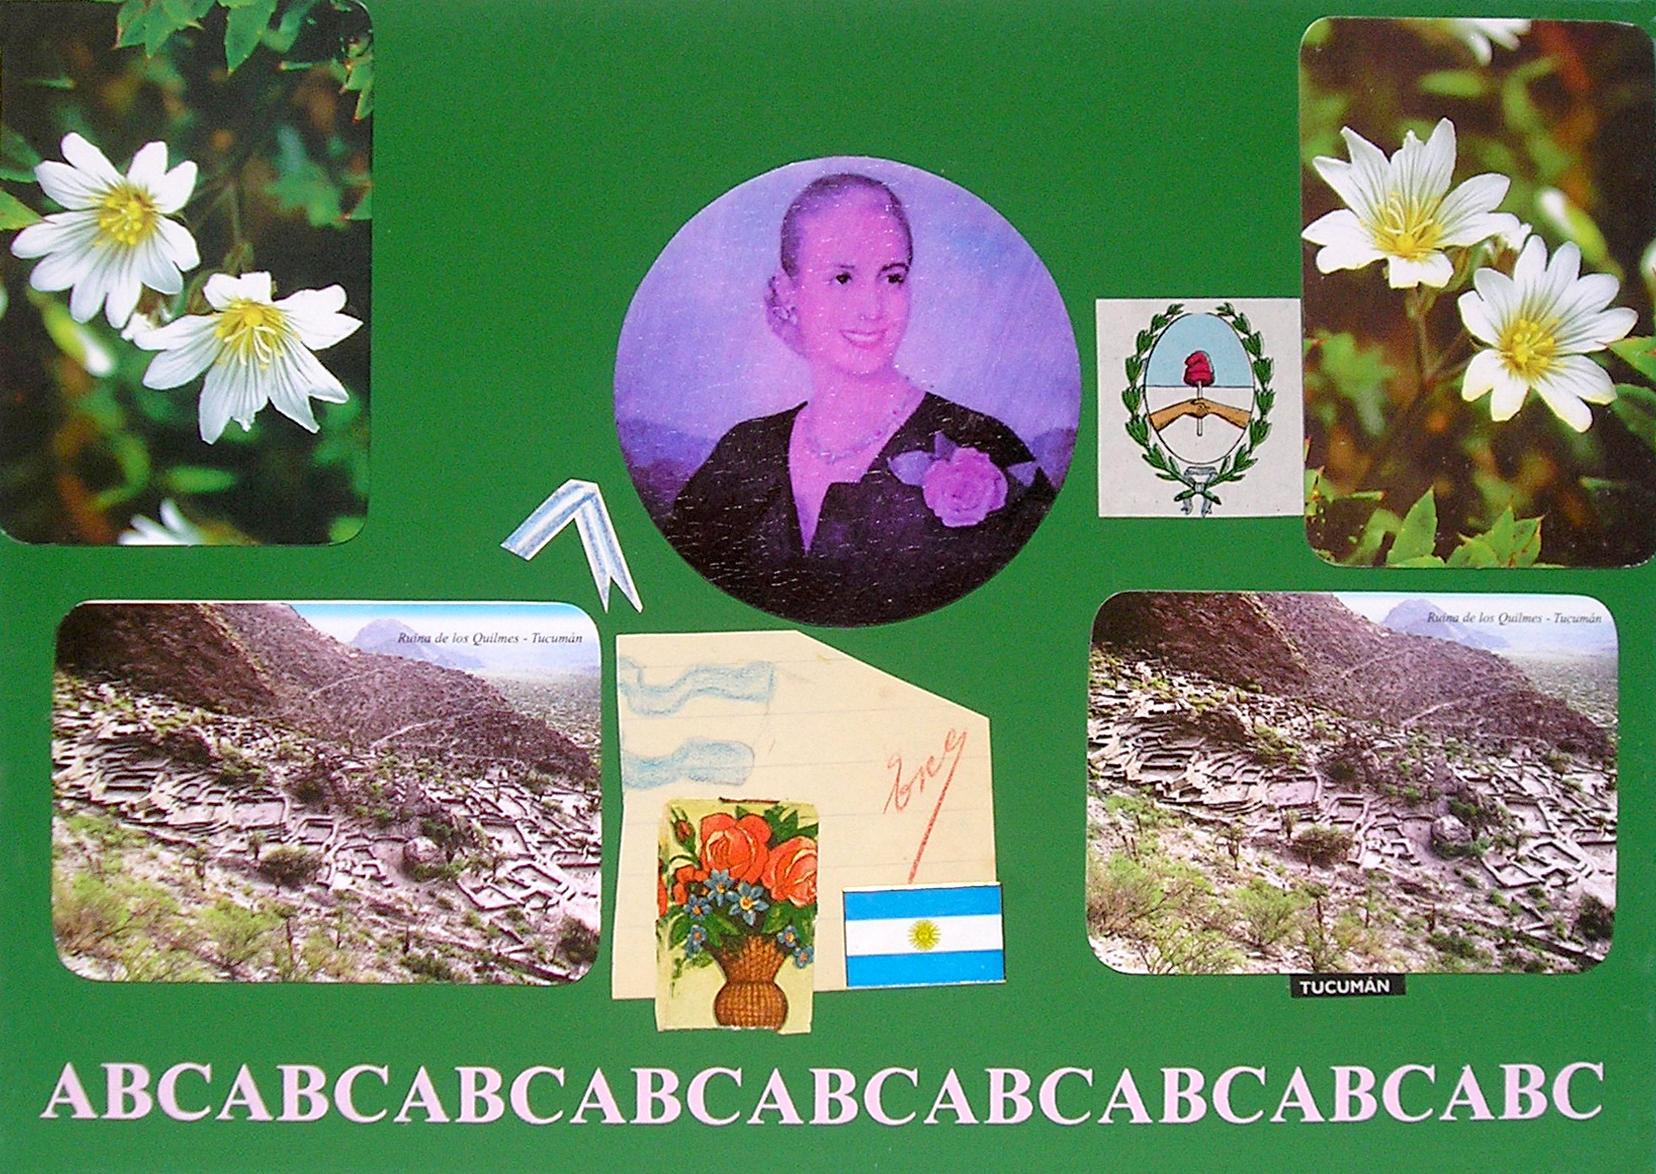 Evita Maestra recorre el país, Tucumán; serie, técnica mixta sobre pizarrón; 21 x 30 cm, 2007